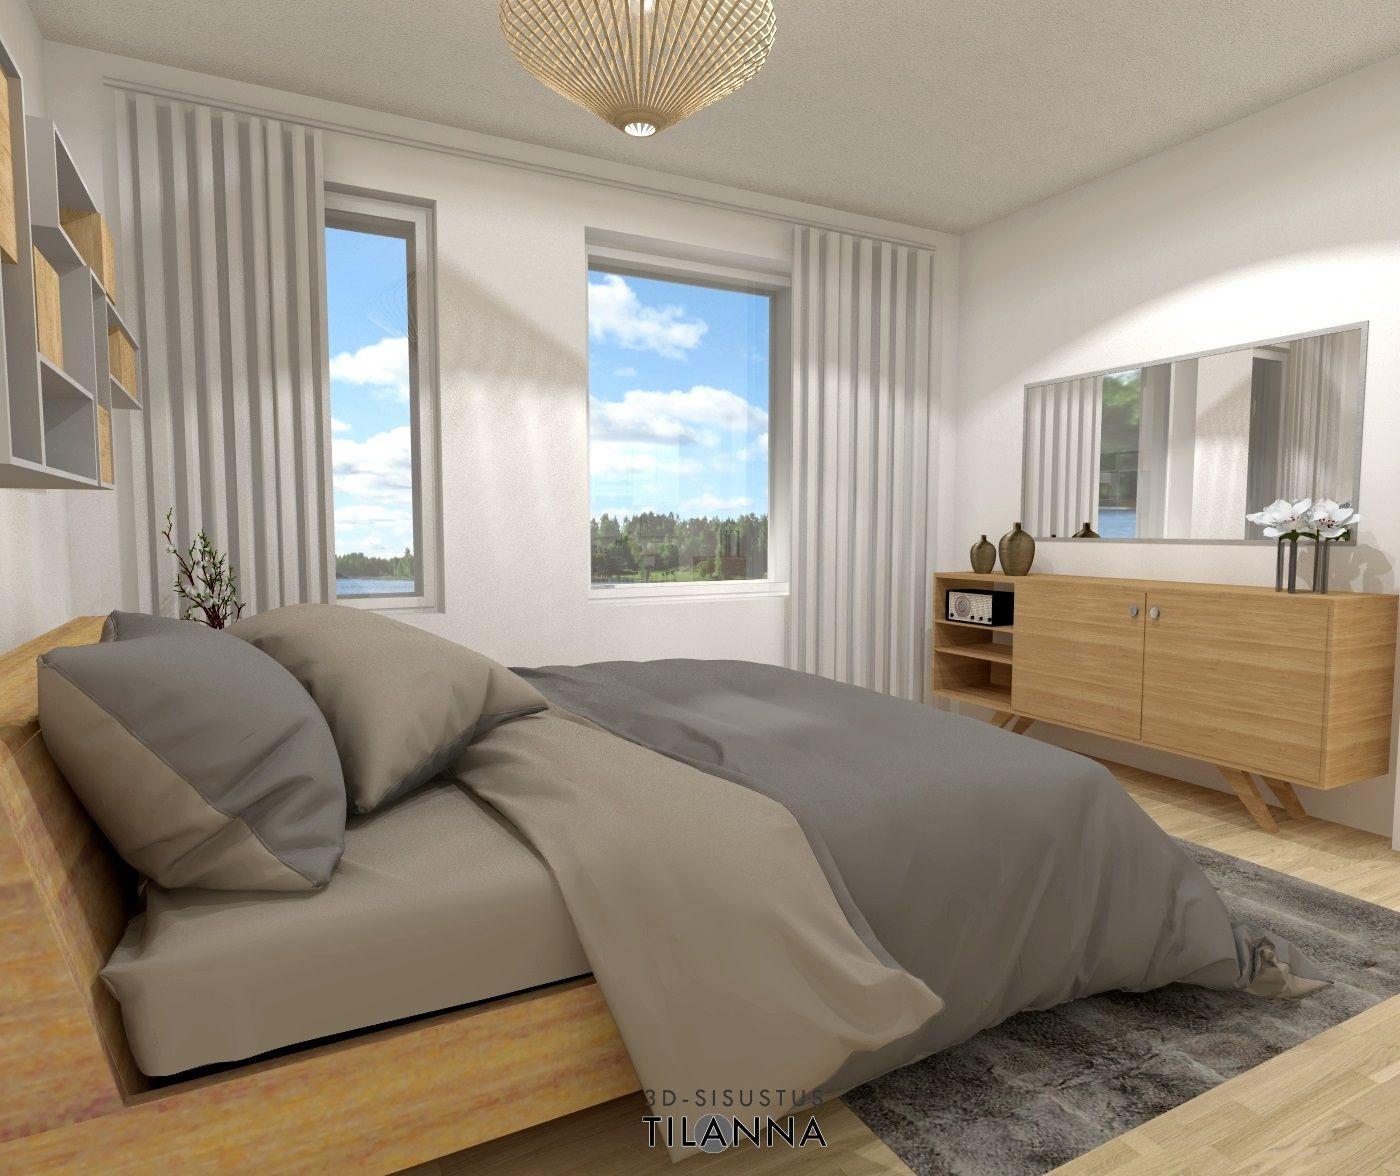 3D- visualisointi ja sisustussuunnittelu uudiskohteeseen/ kerrostalon makuuhuone/ VRP Rakennuspalvelut Oy, Asunto Oy Jyväskylän Äijälänsalmen Kara, ennakkomarkkinointi/ 3D-sisustus Tilanna